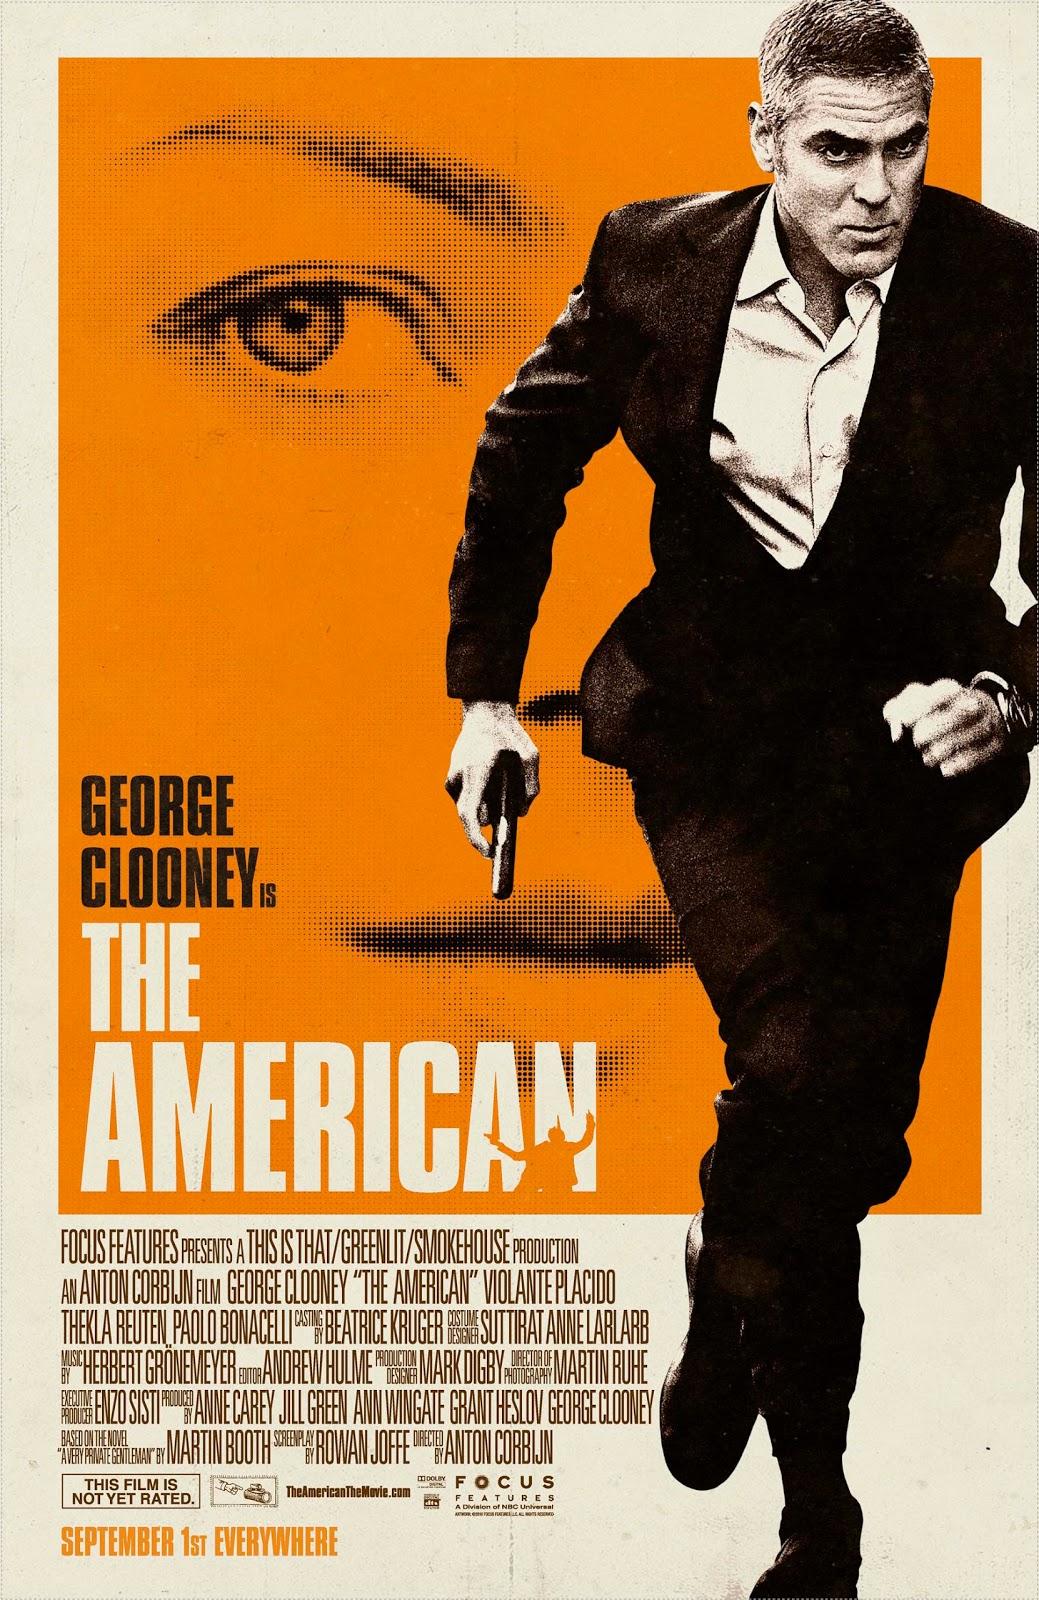 http://1.bp.blogspot.com/_VXG5WwJahWE/THotQ2LqGDI/AAAAAAAAAQk/0oza8R25Frw/s1600/theamerican-poster1.jpg